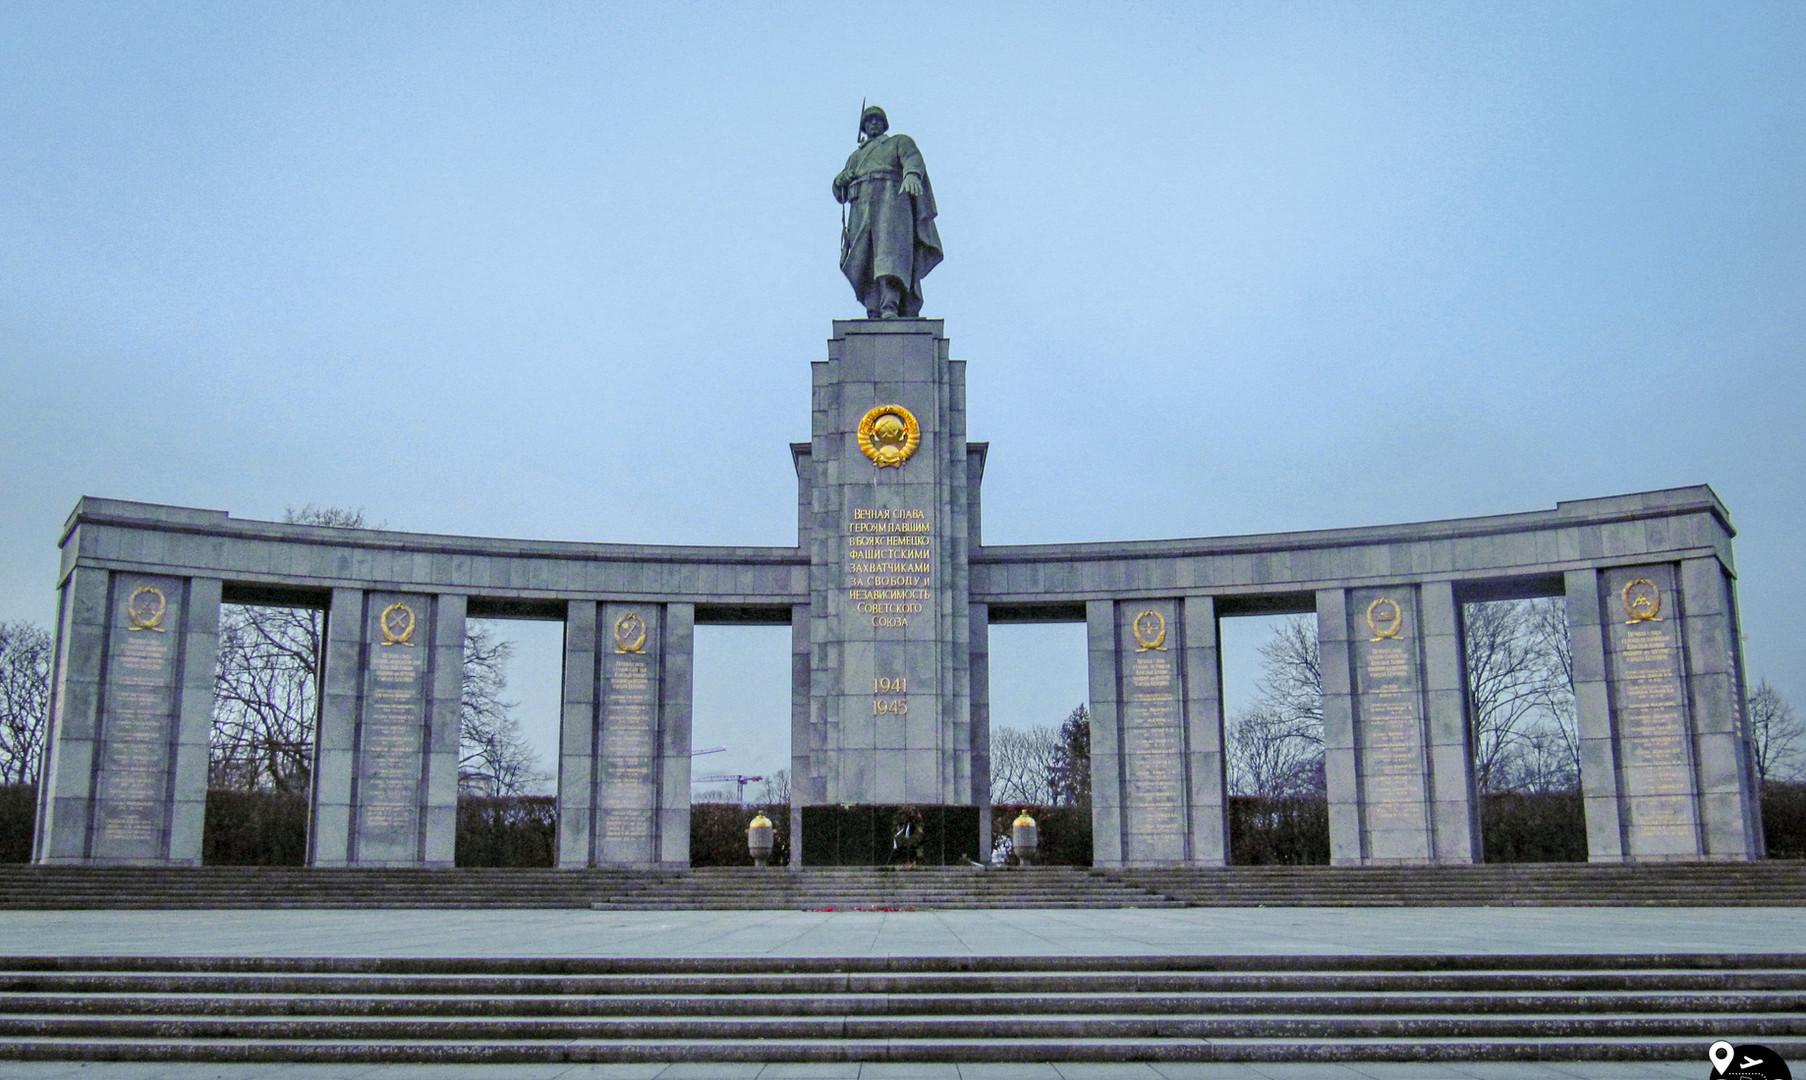 Мемориал павшим советским воинам в Тиргартене, Берлин